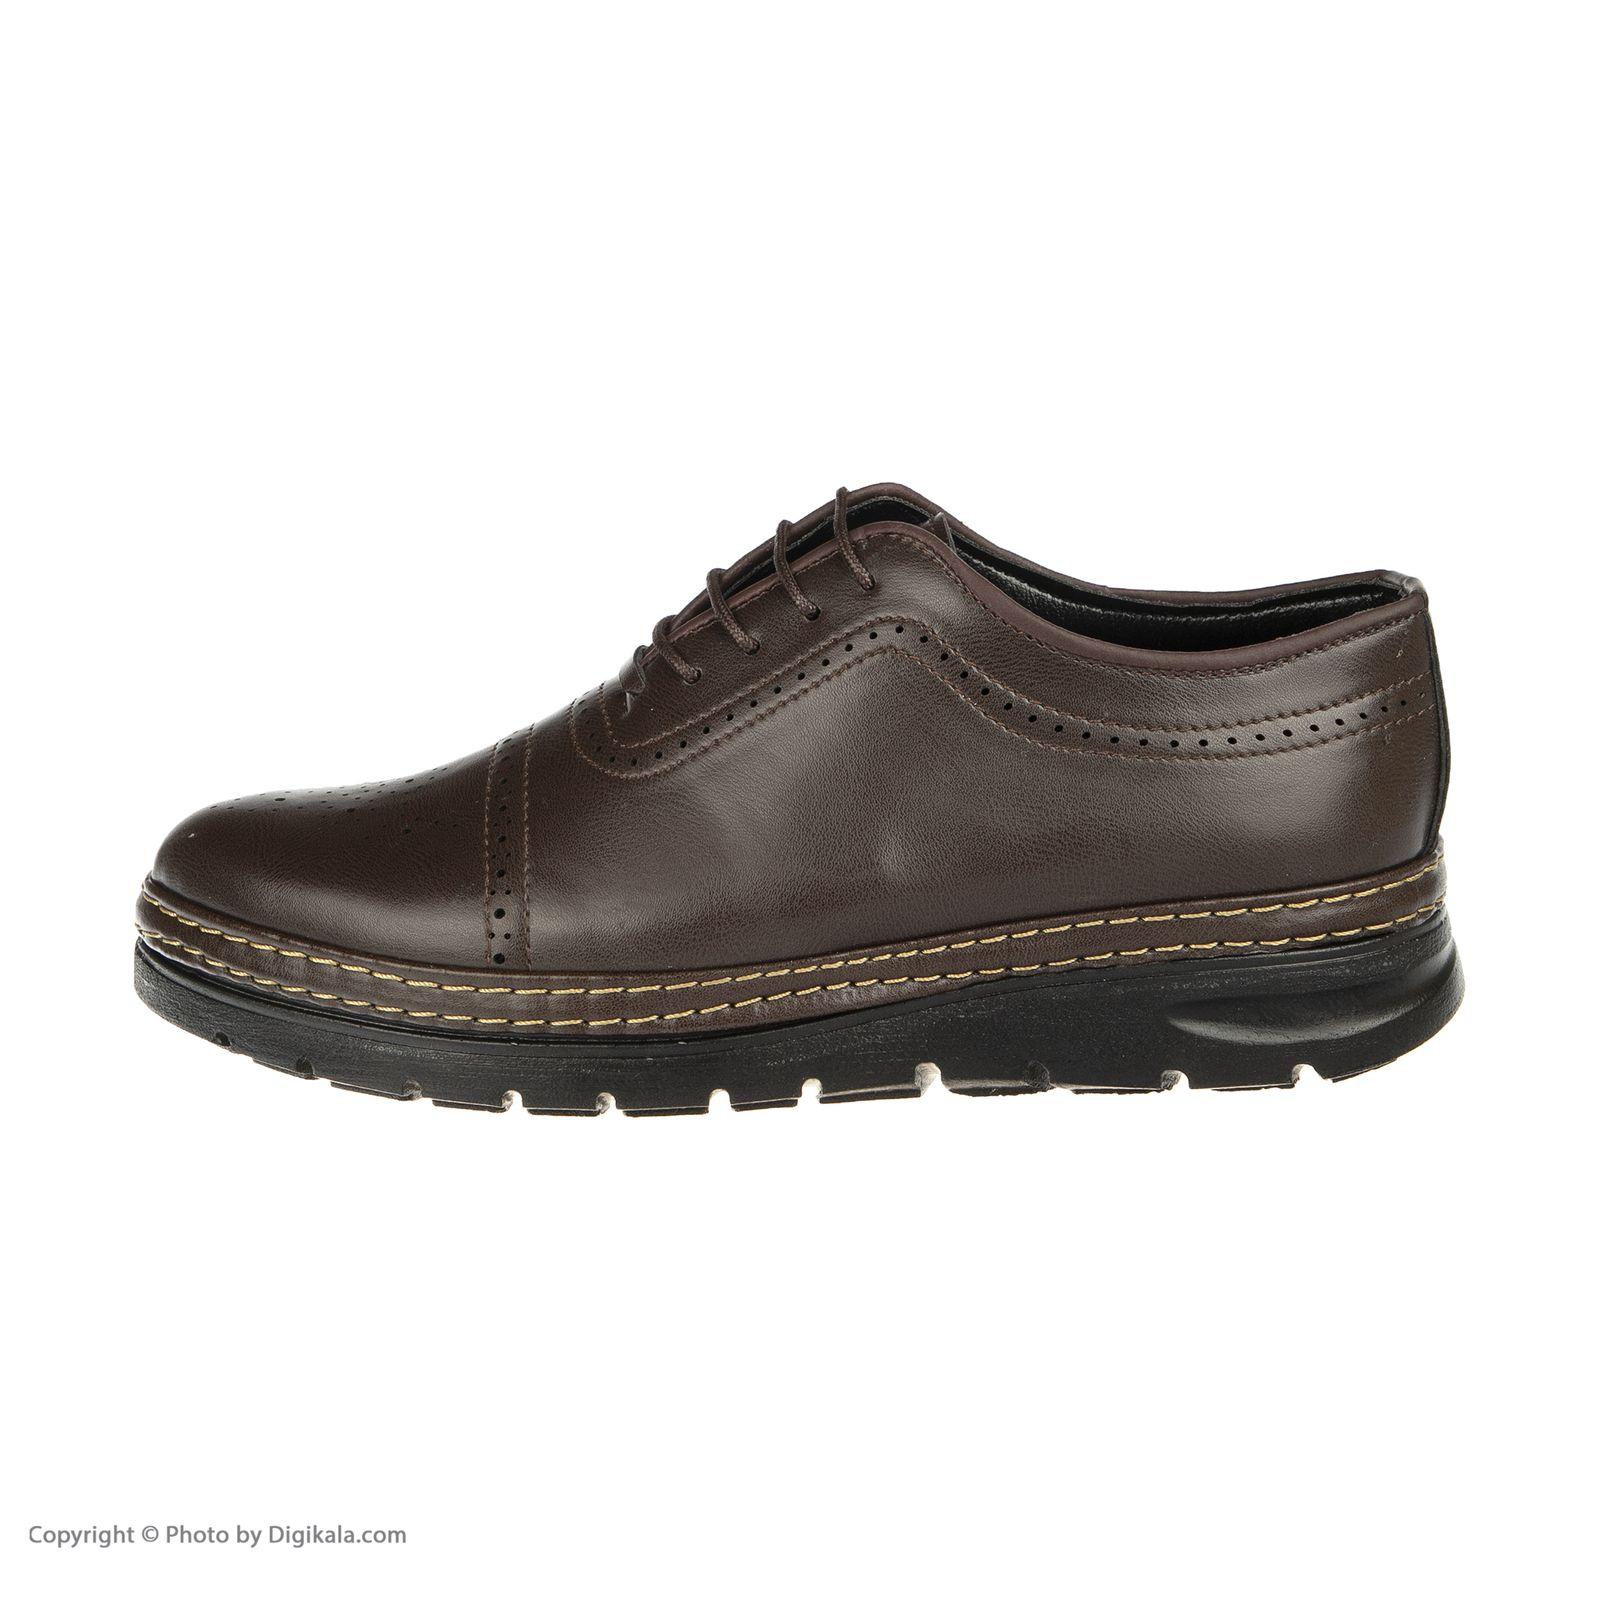 کفش روزمره مردانه اسپرت من مدل 39930-3